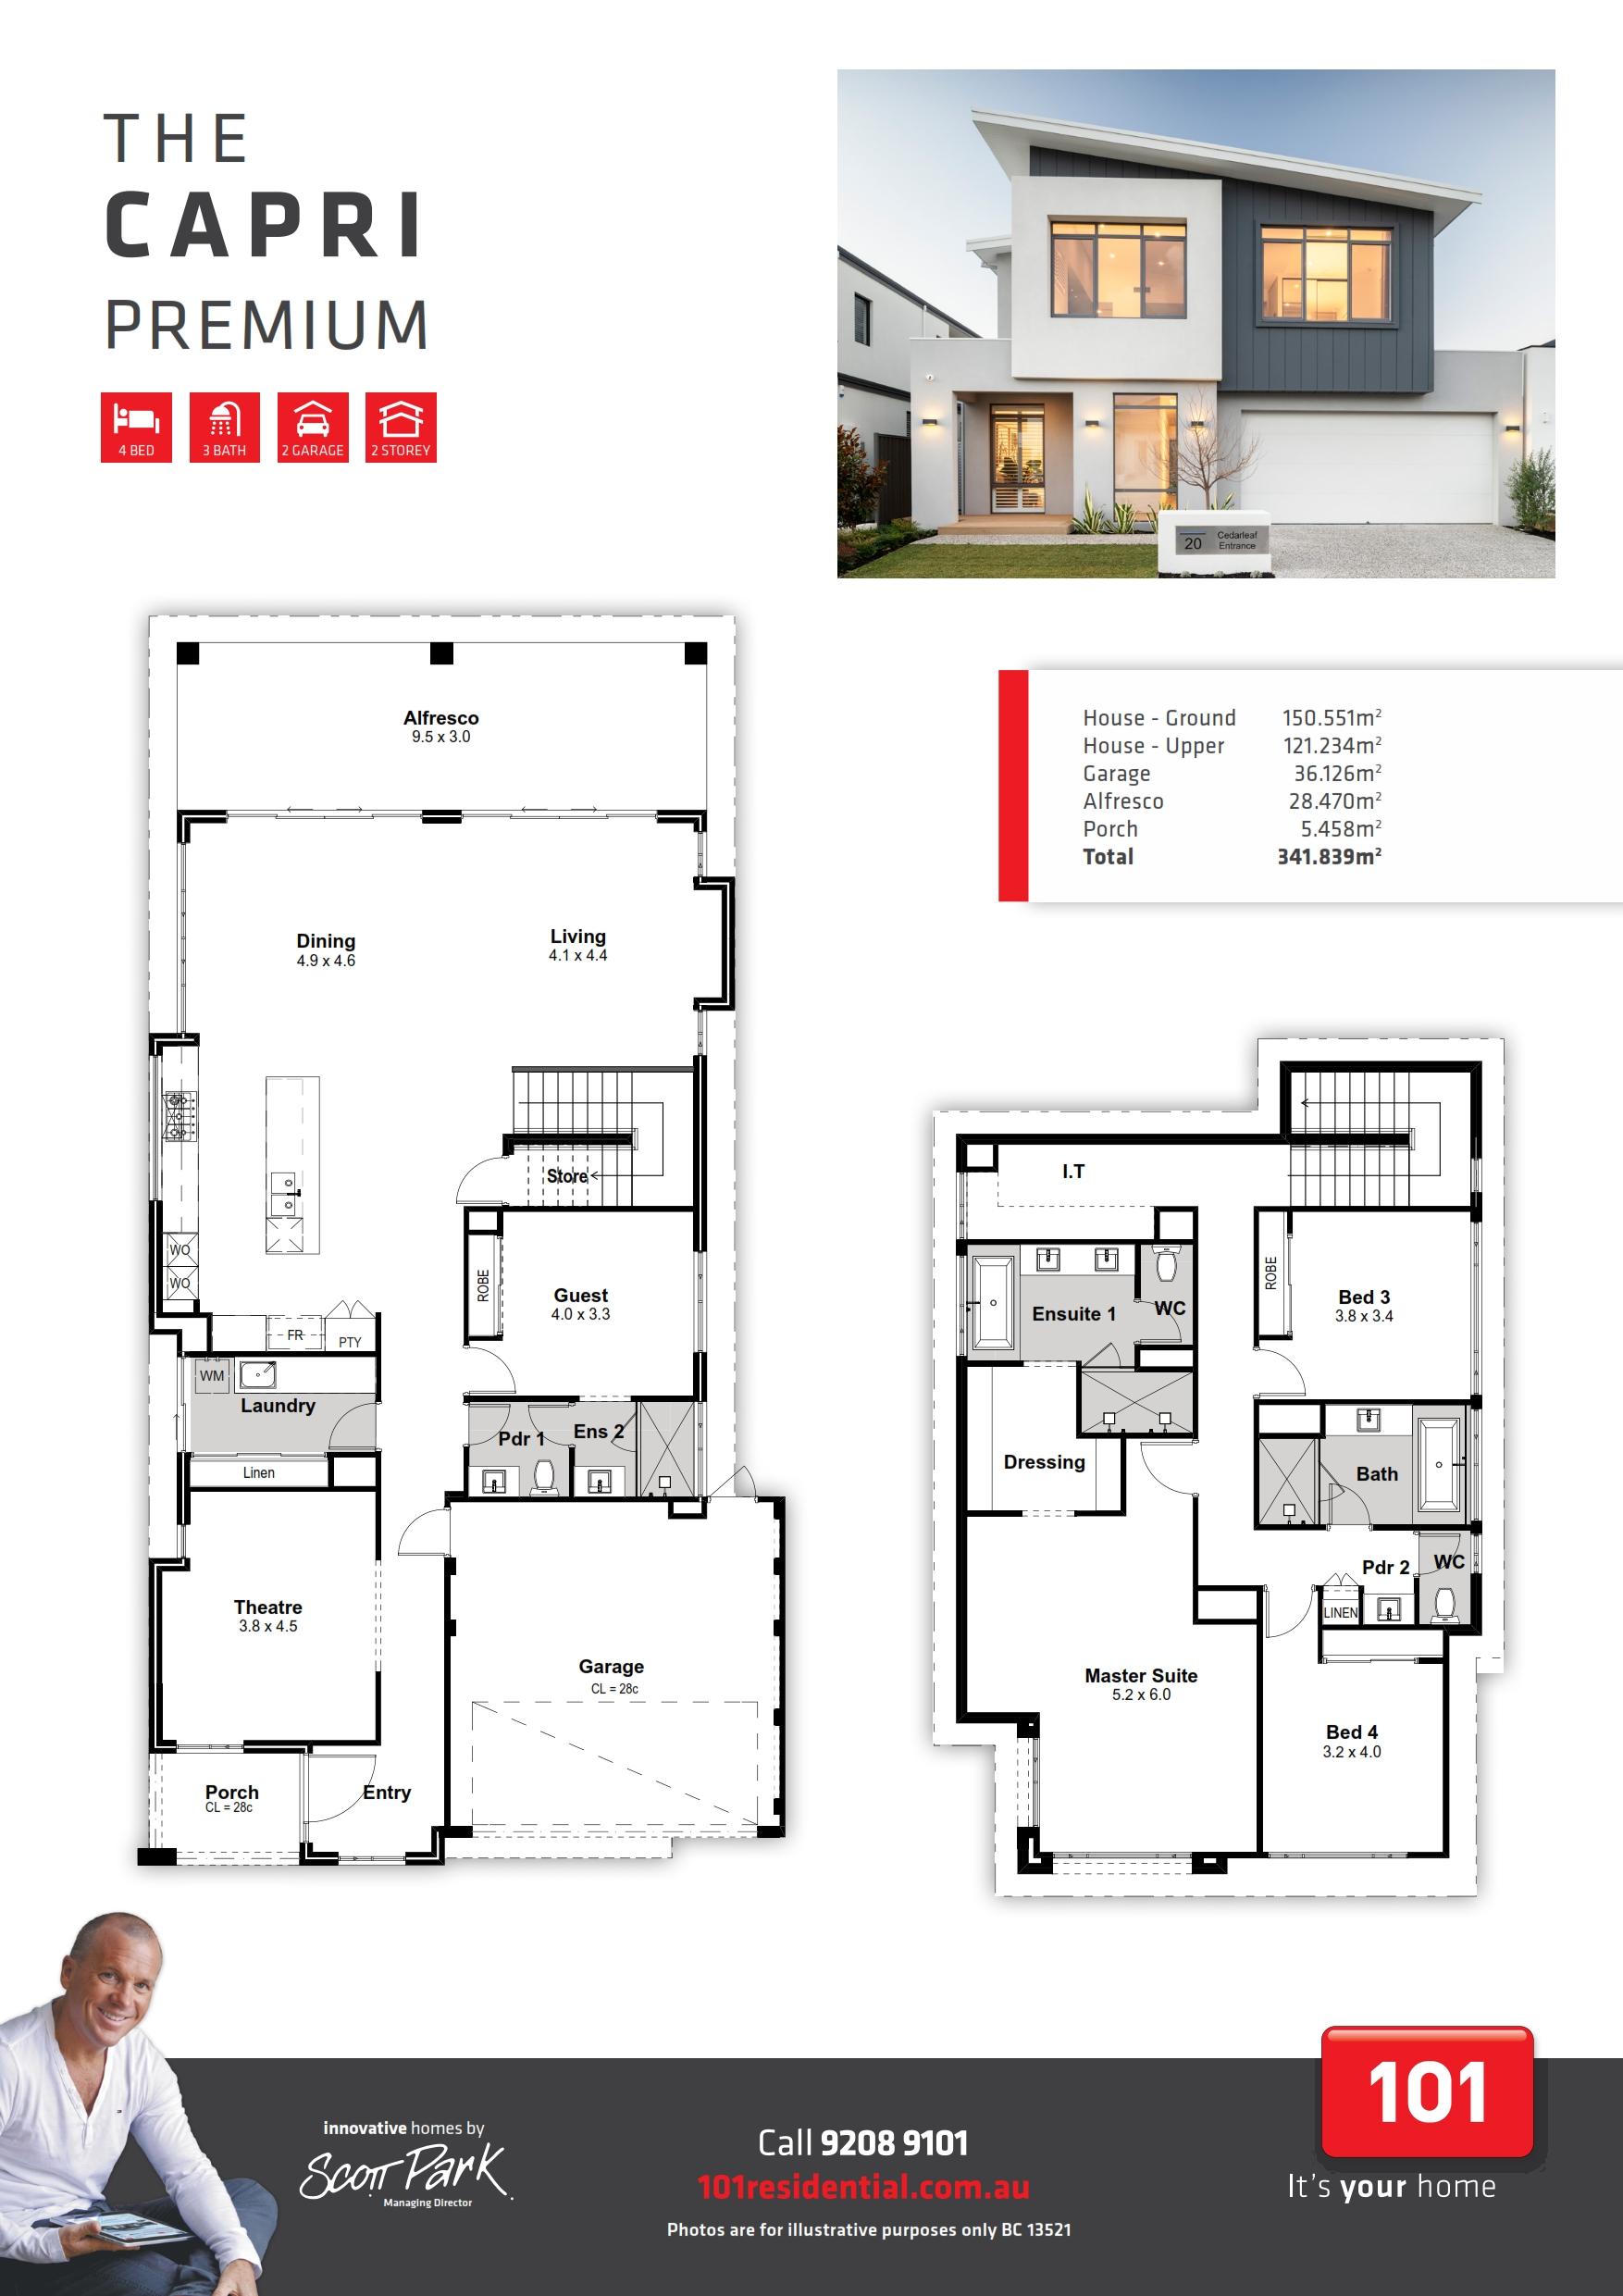 101 Premium A3 Floor Plan - Capri WEB_001